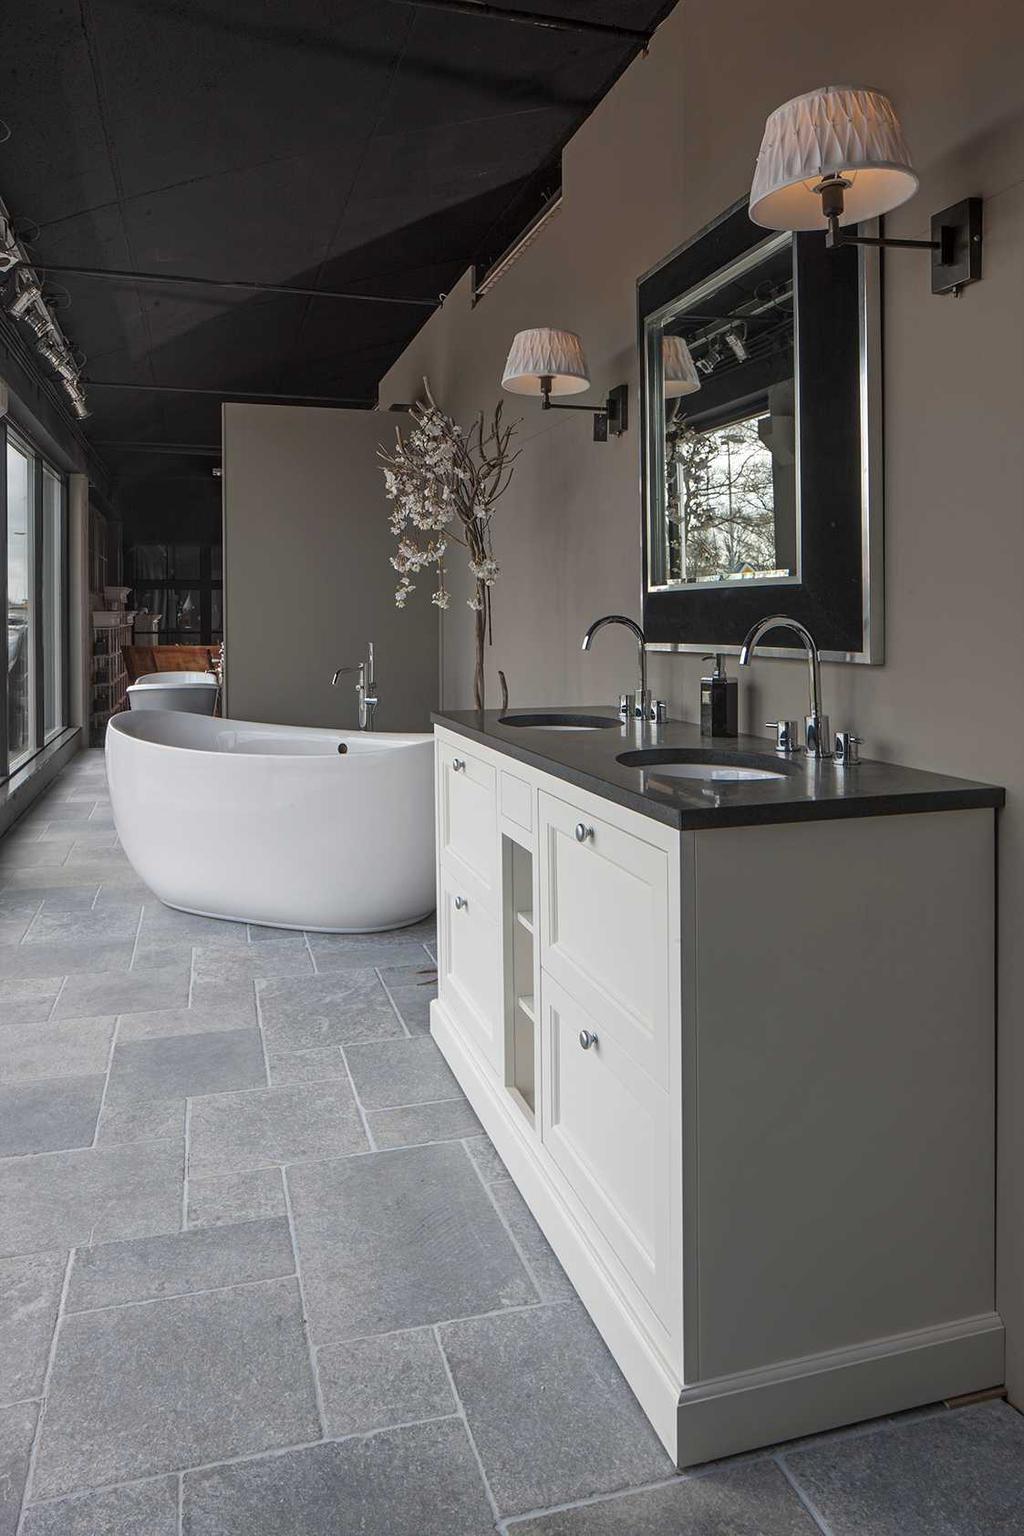 vt wonen&design beurs windsor bathrooms badkamers